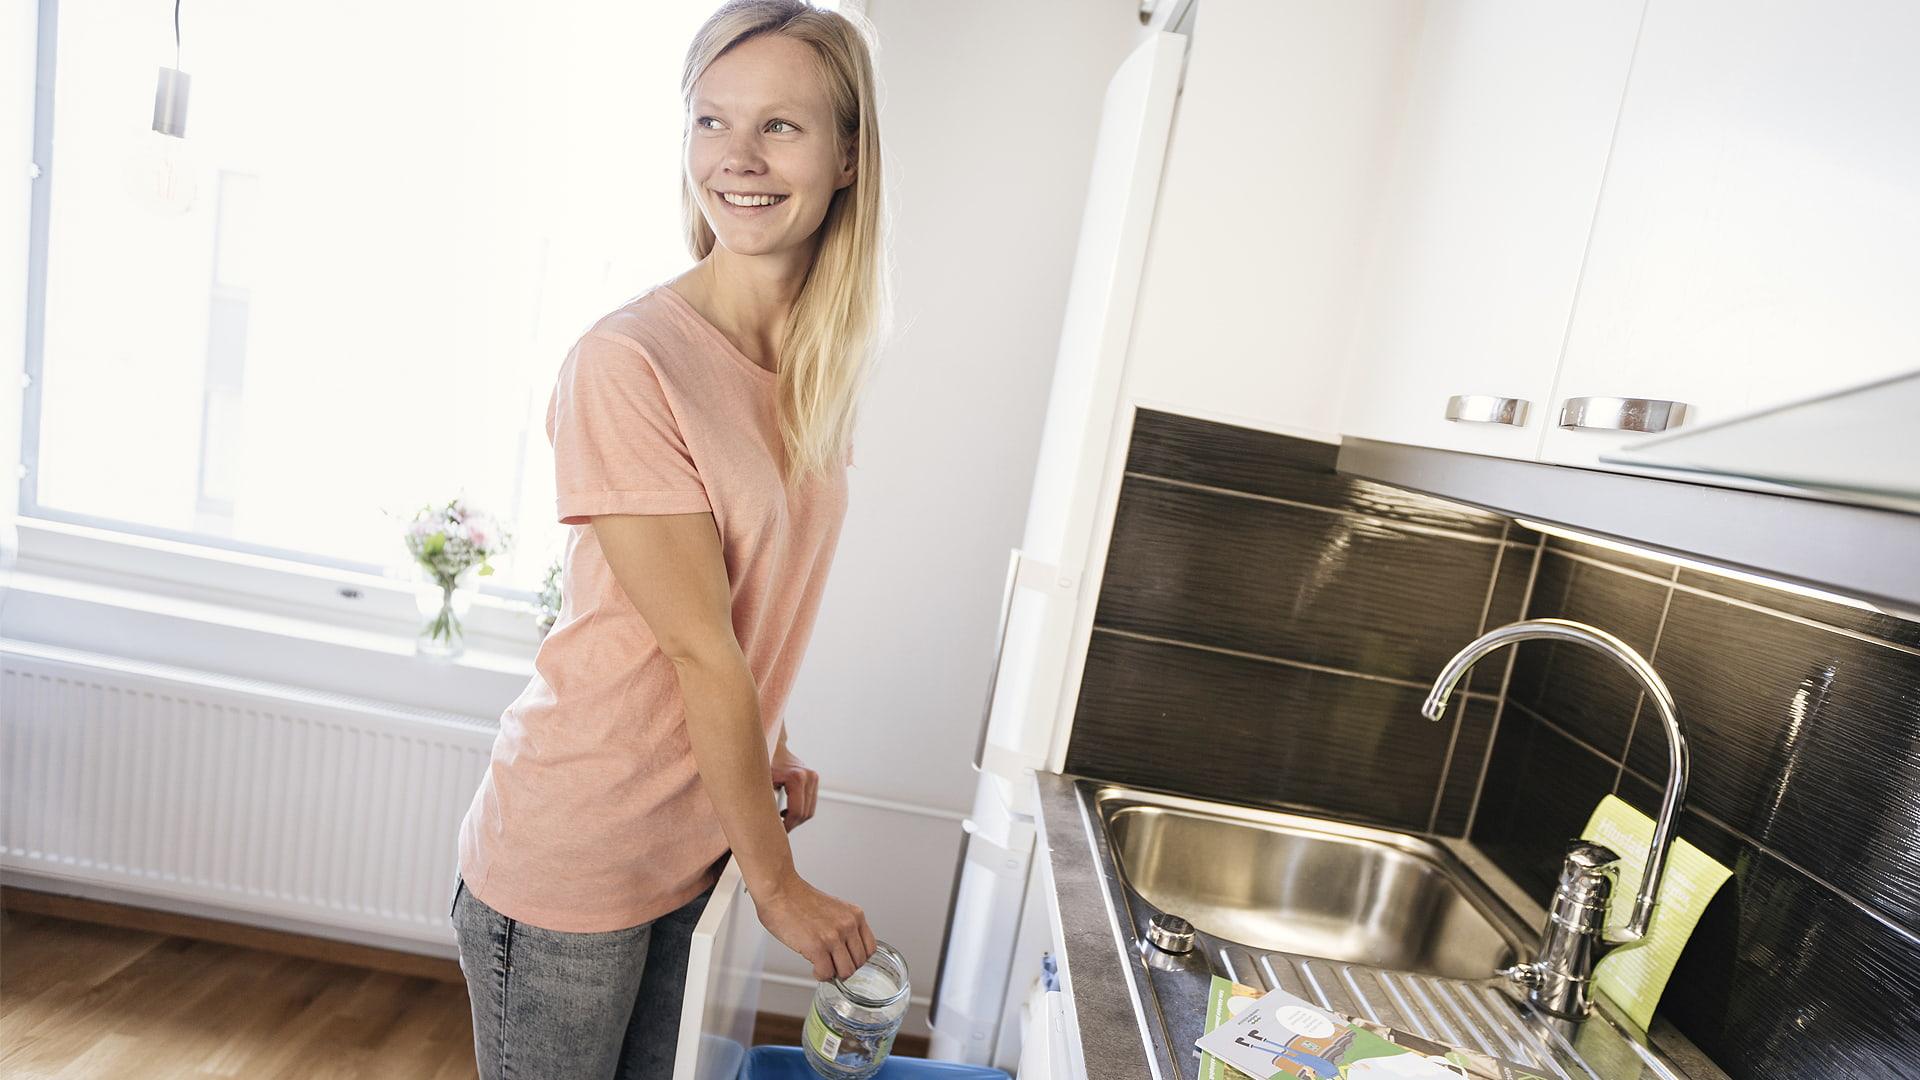 Nainen lajittelmassa jätteitä kotona